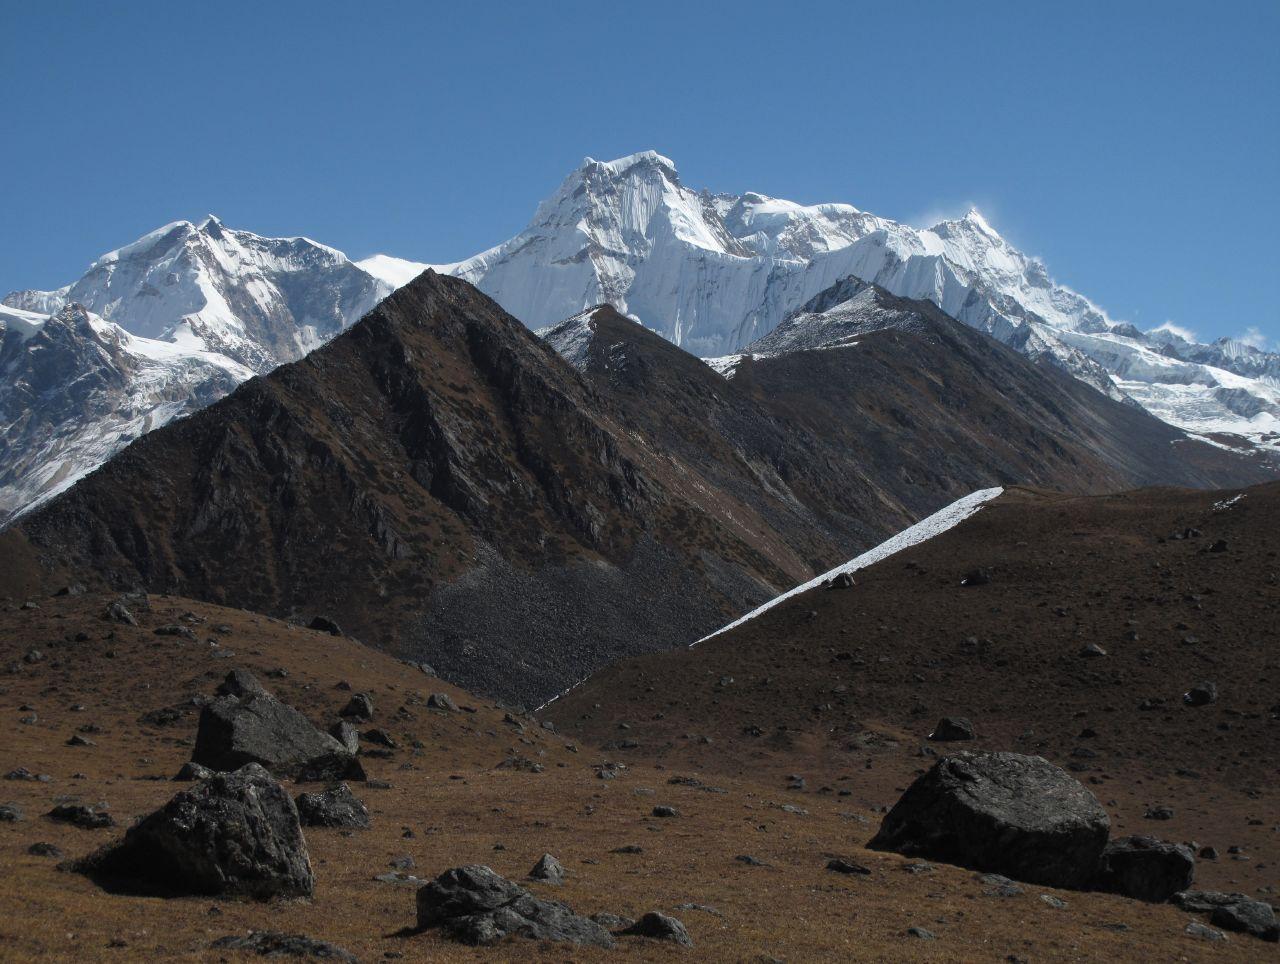 2009-10-20 (09) Gangkhar Puensum (7570m)